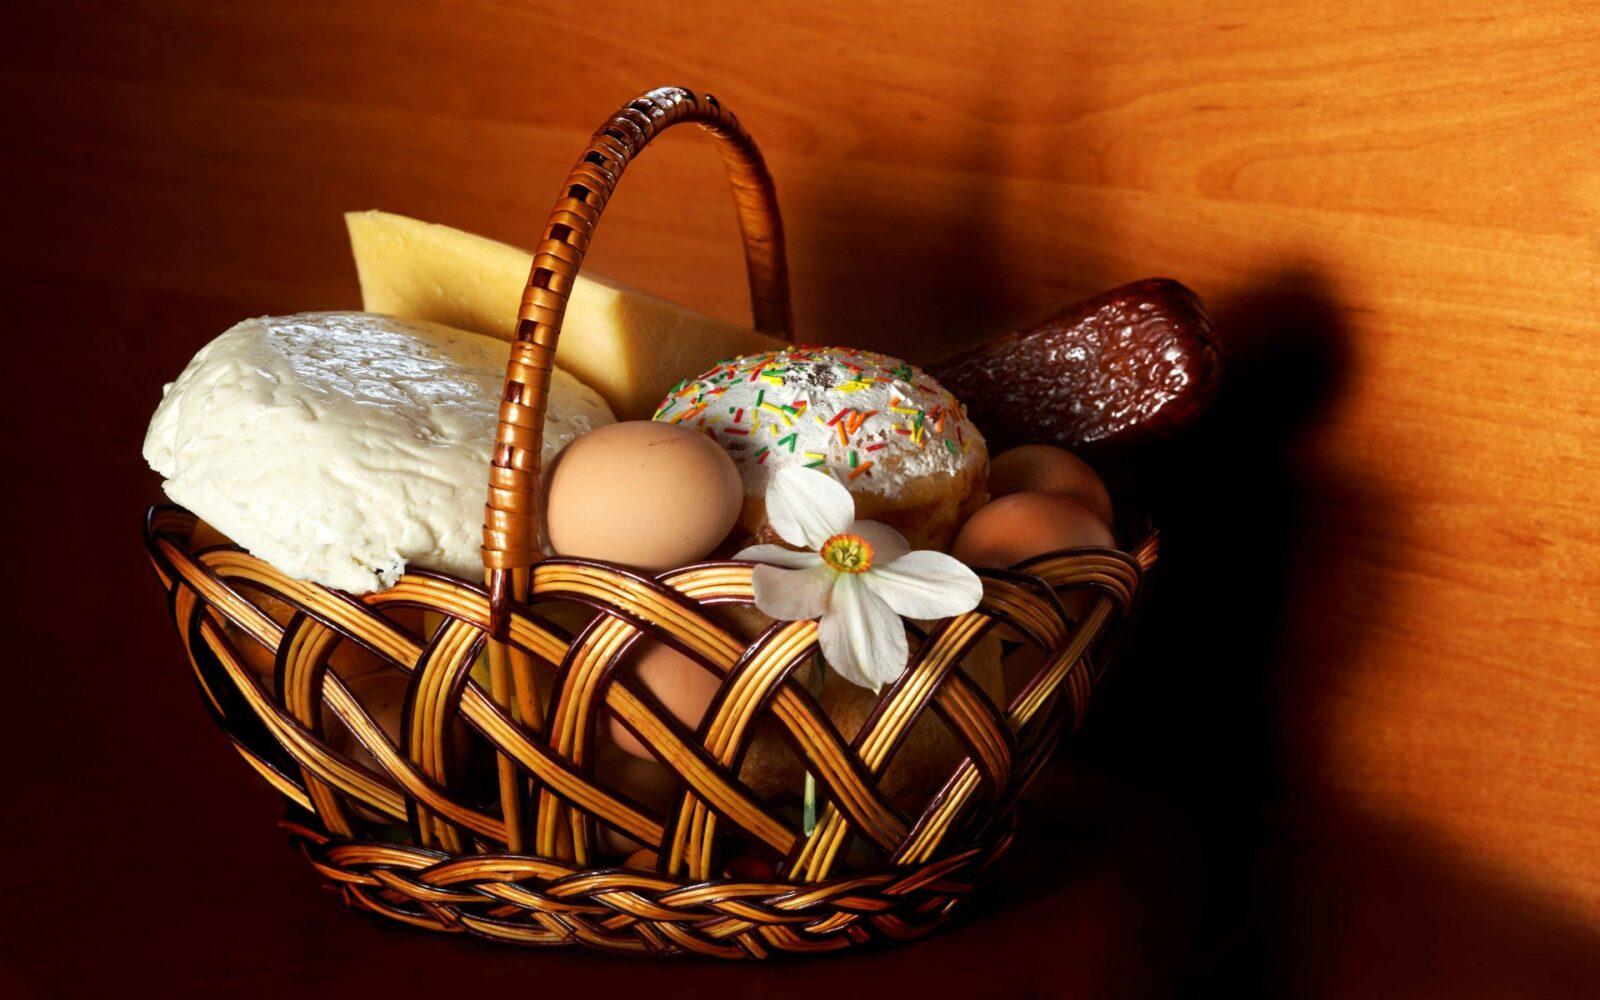 Готовимся к Пасхе: Что должно быть в праздничной корзине, а что категорически нельзя